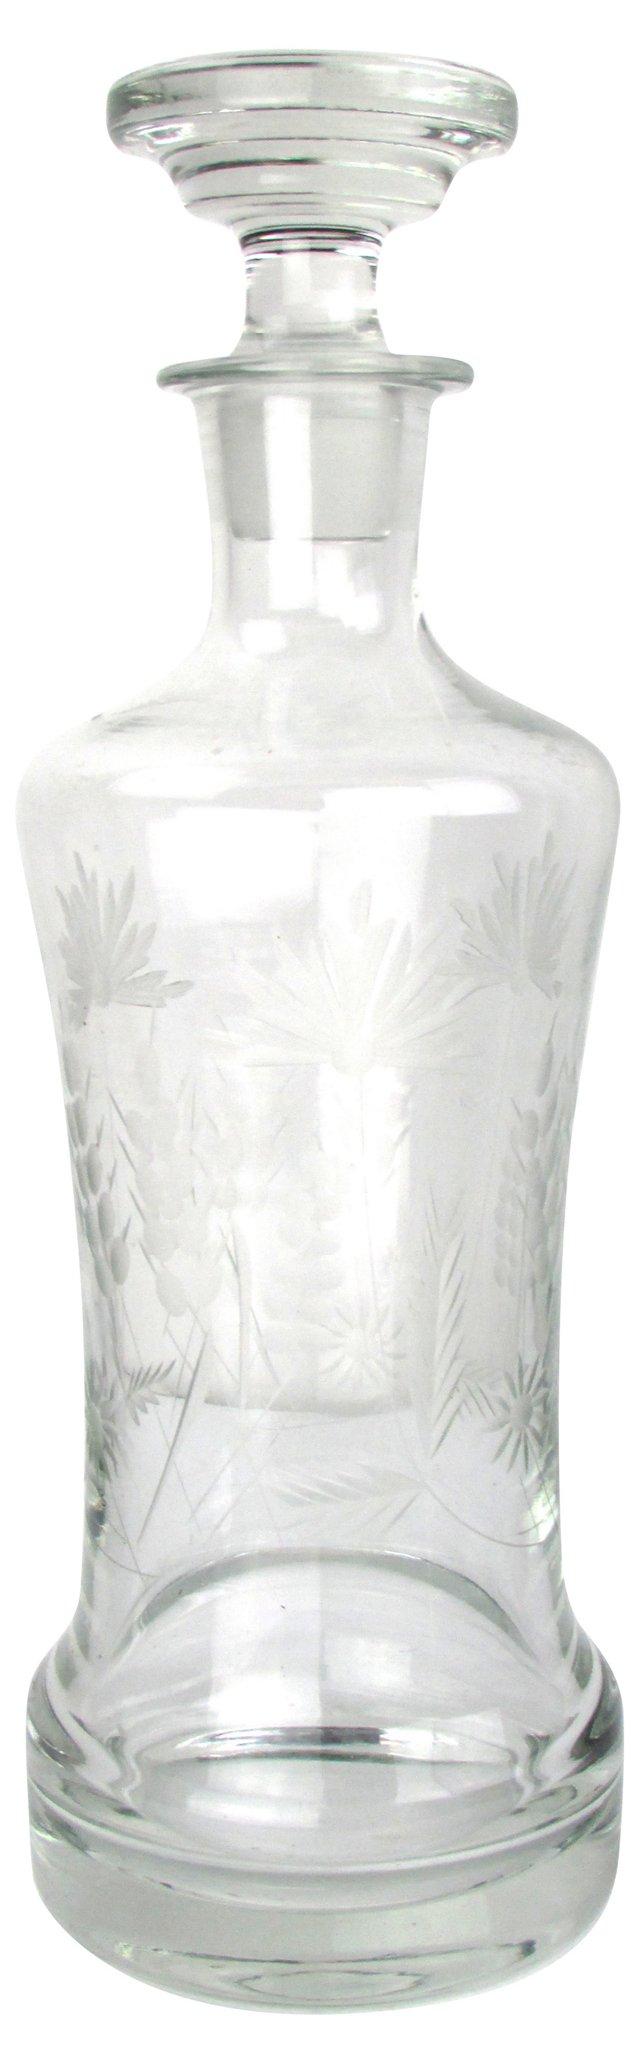 Cut-Glass Decanter